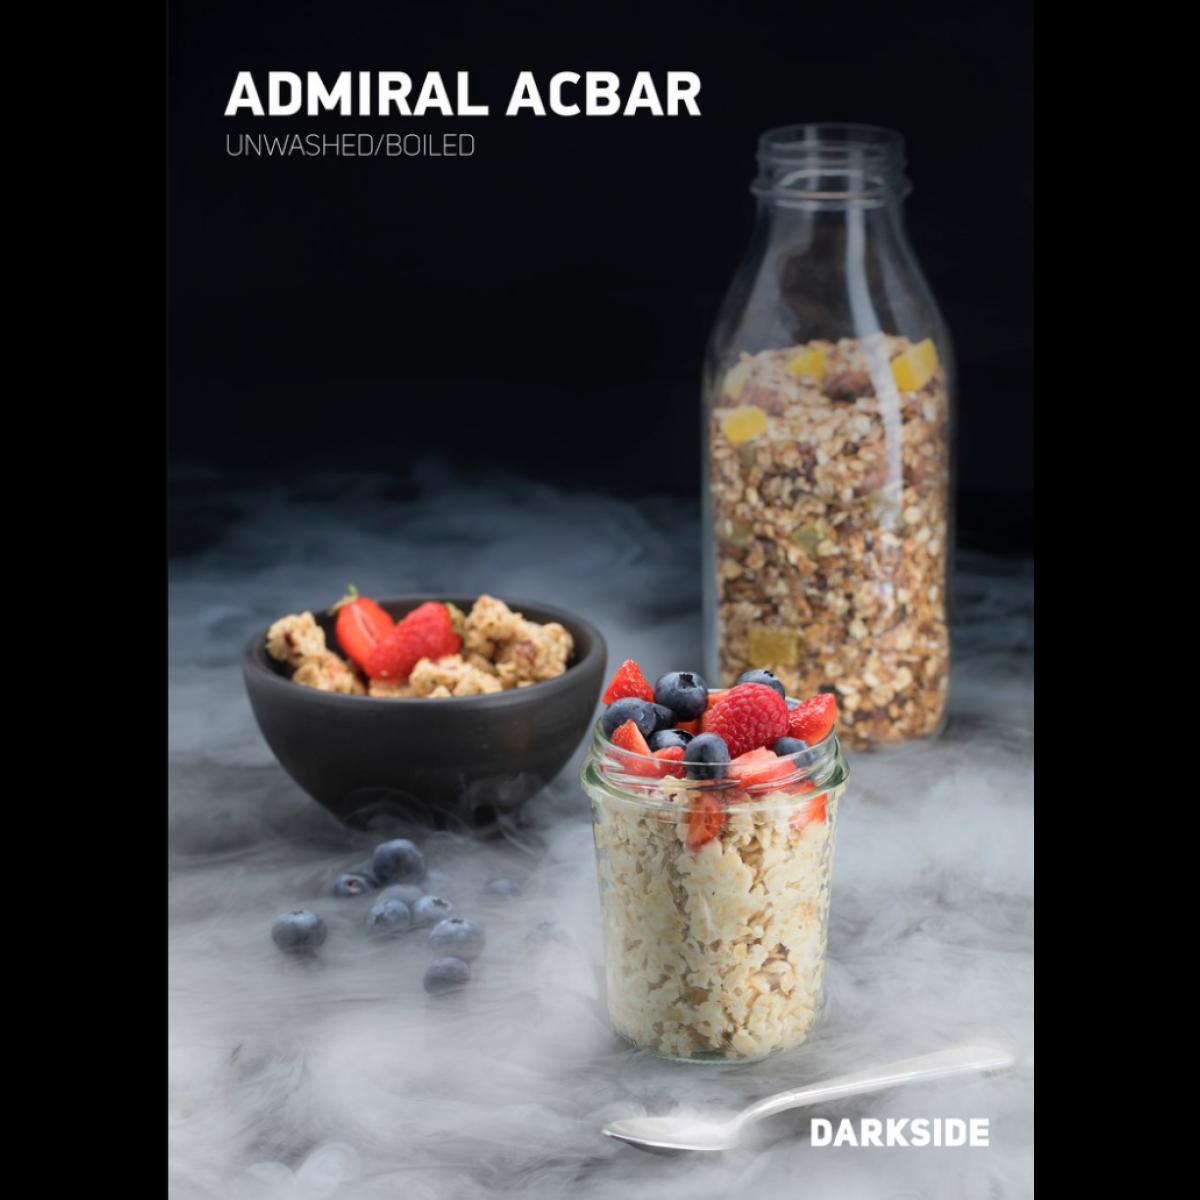 Табак Dark Side Admiral Acbar Cereal (Дарксайд Адмирал Акбар) 250 грамм